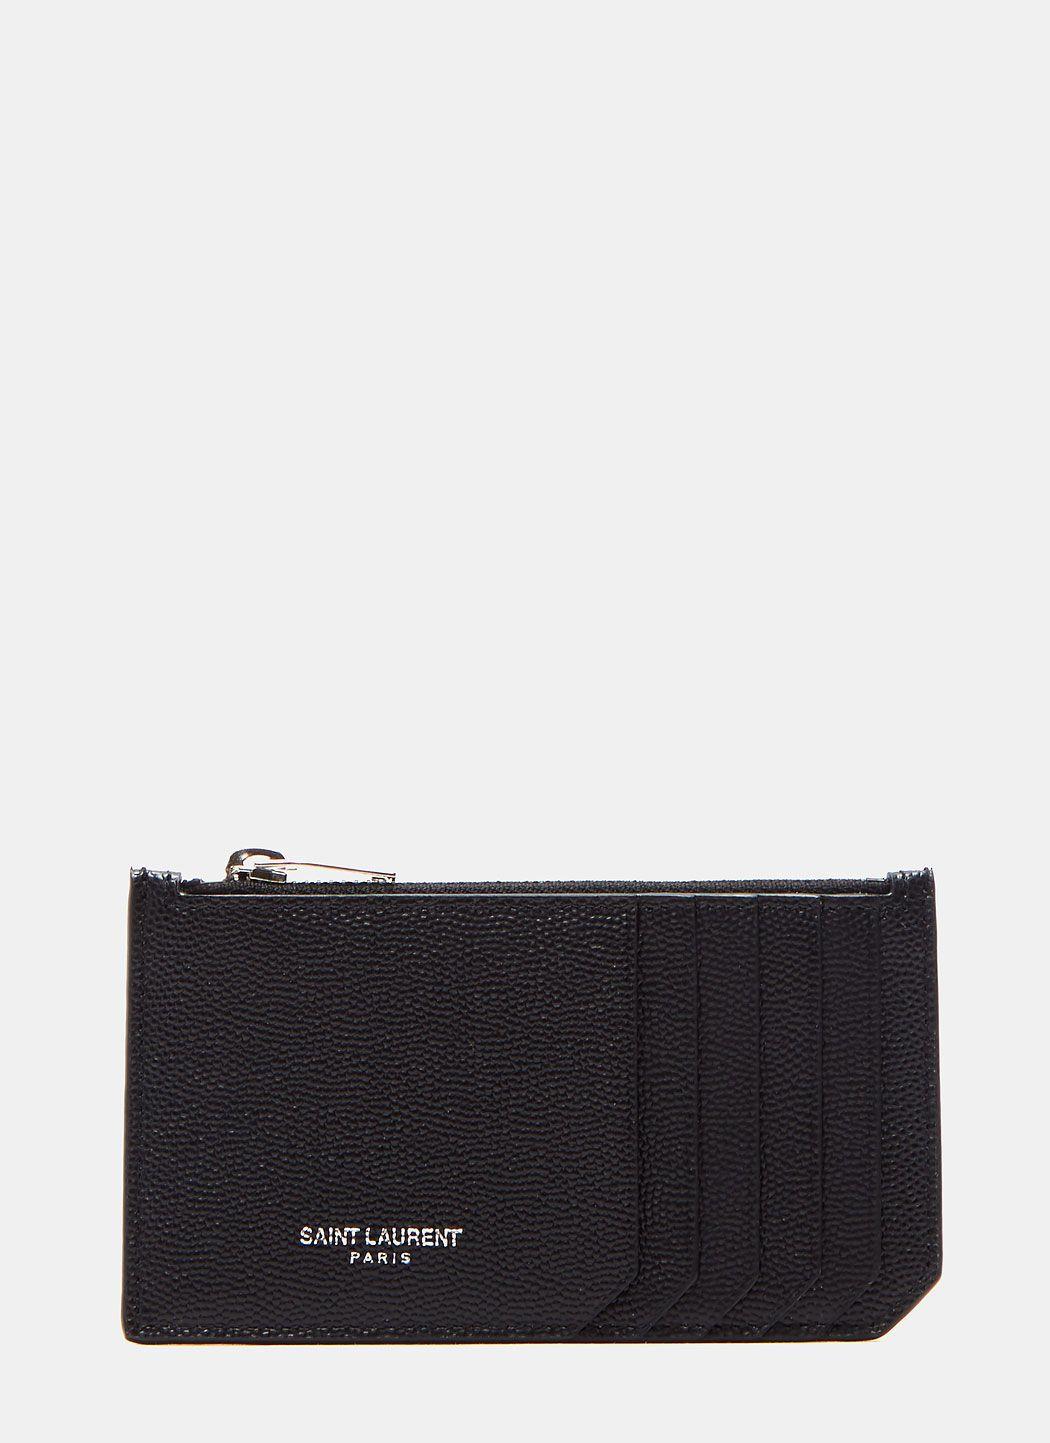 e7d7da08cc9 SAINT LAURENT Men'S Zipped Leather Card Holder In Black. #saintlaurent #